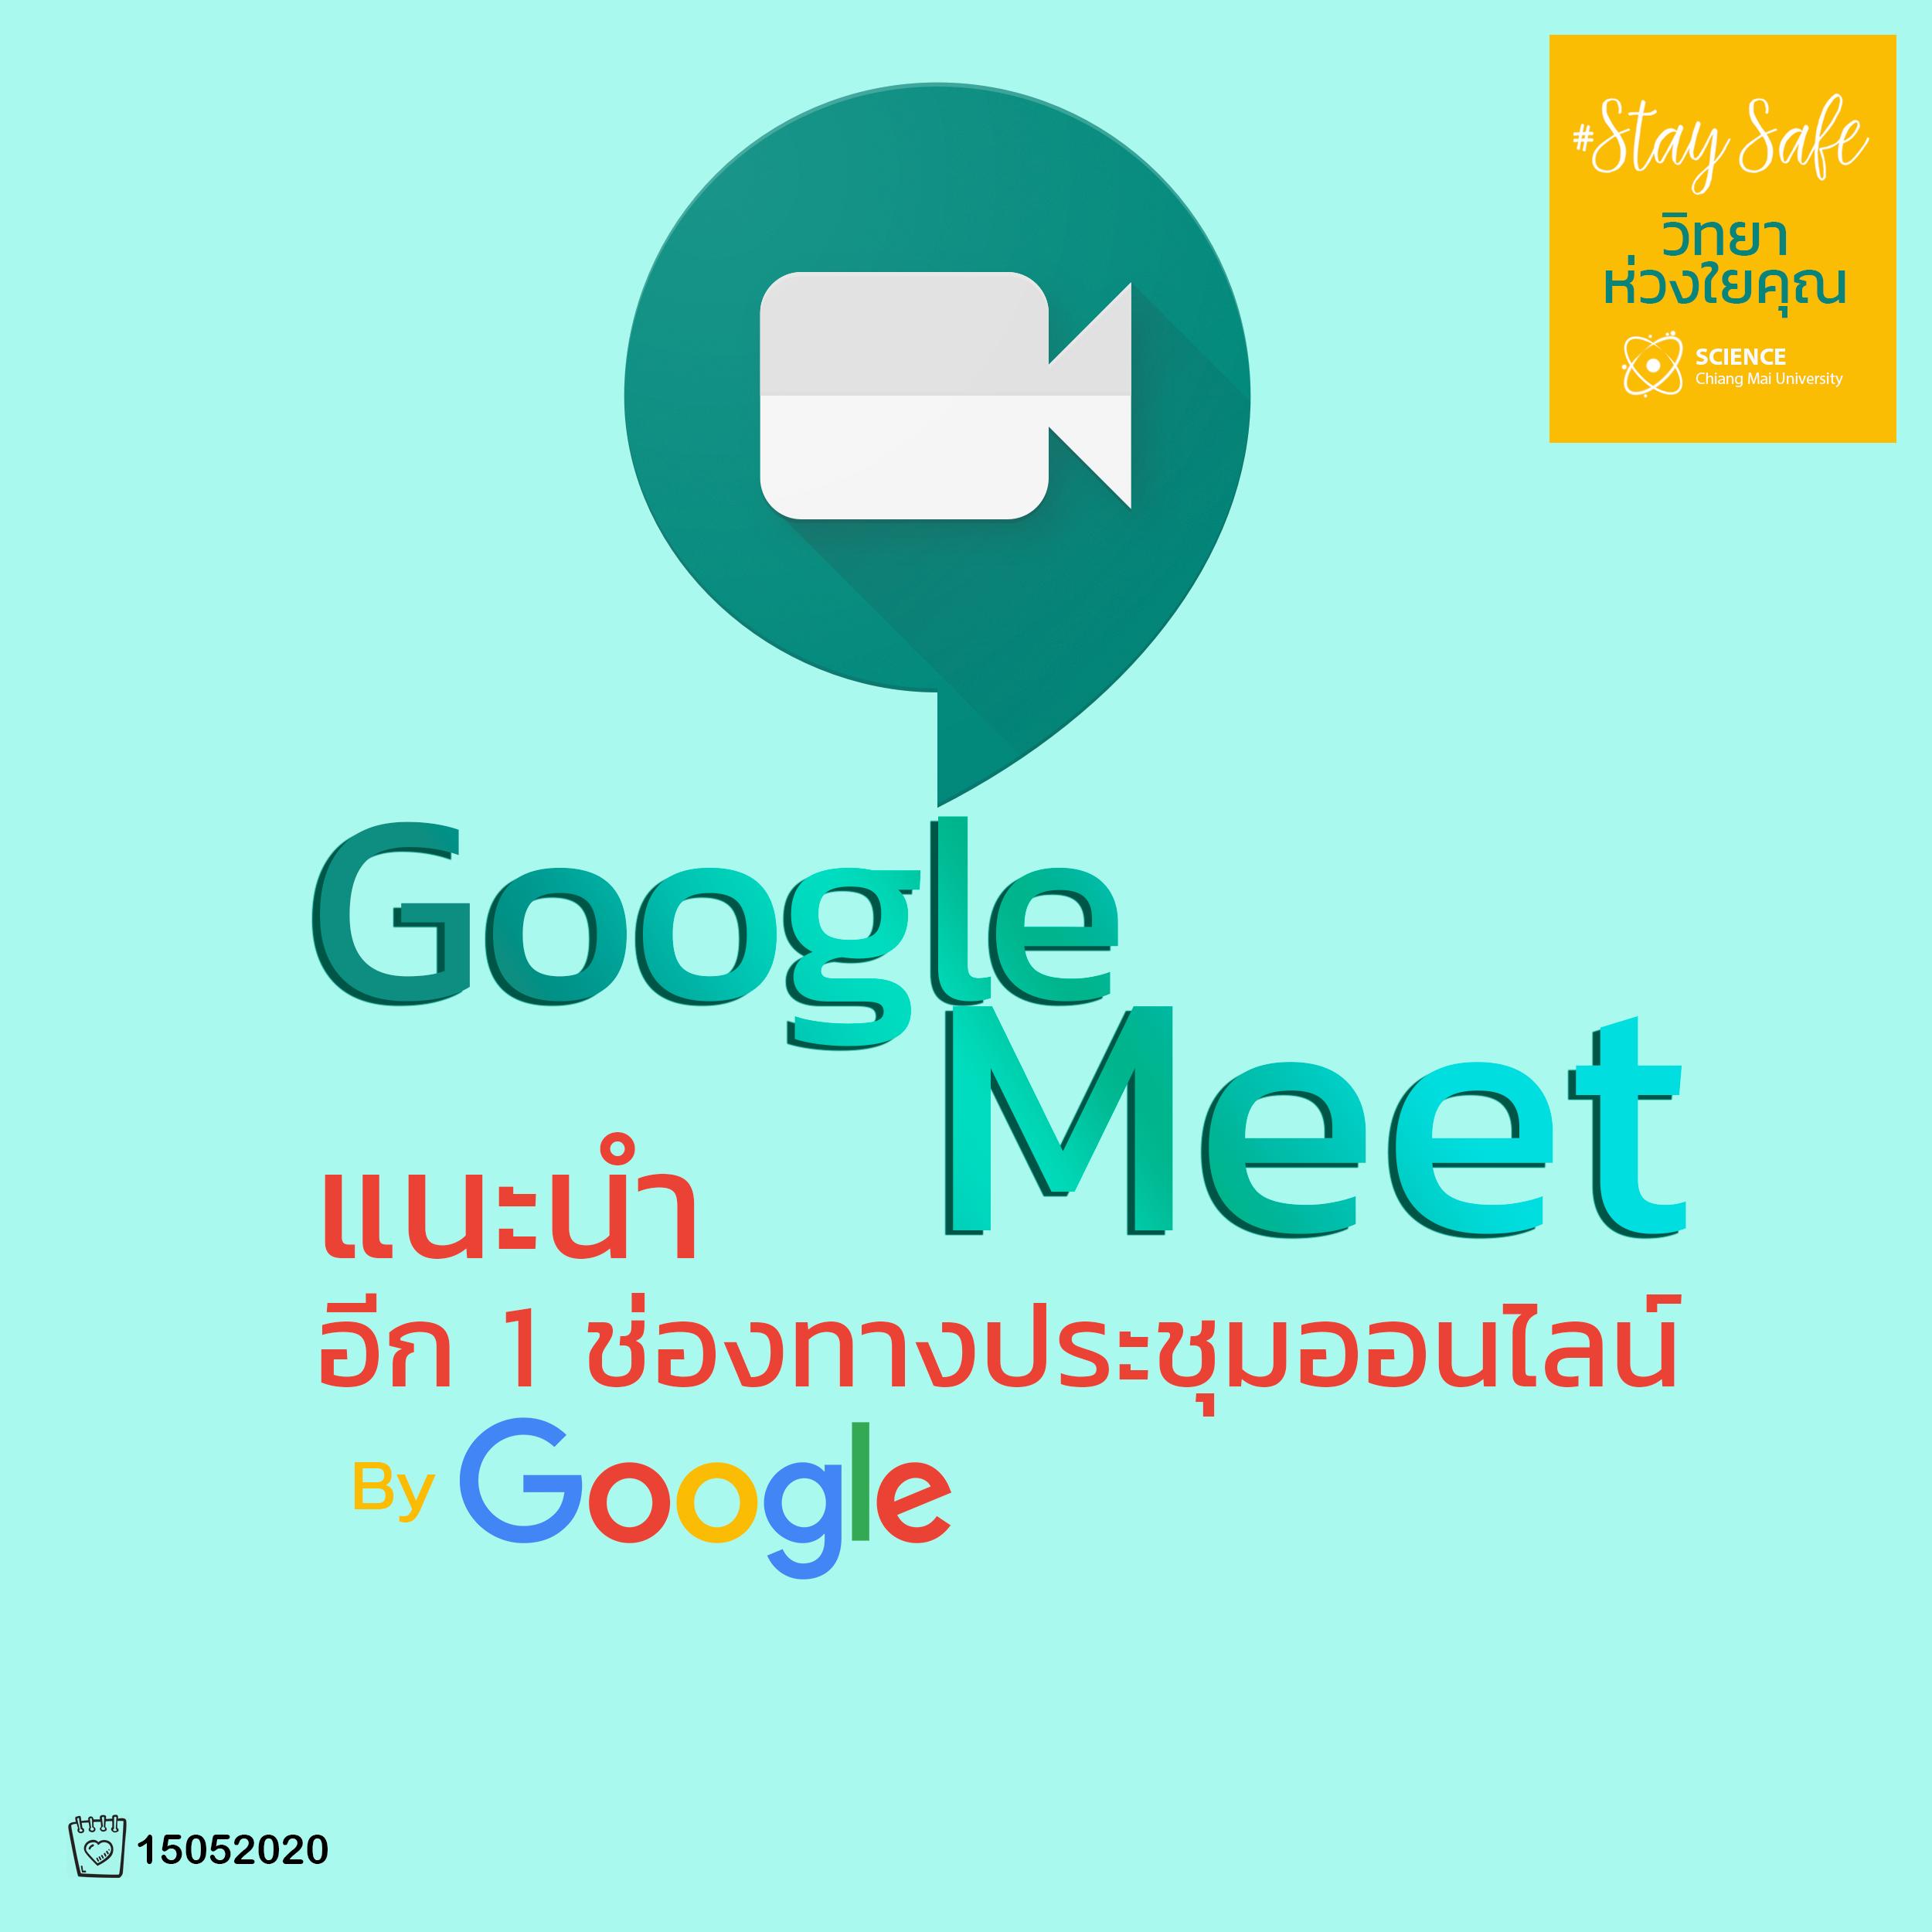 แนะนำ Google Meet ประชุมออนไลน์ฟรี แบบพรีเมียม